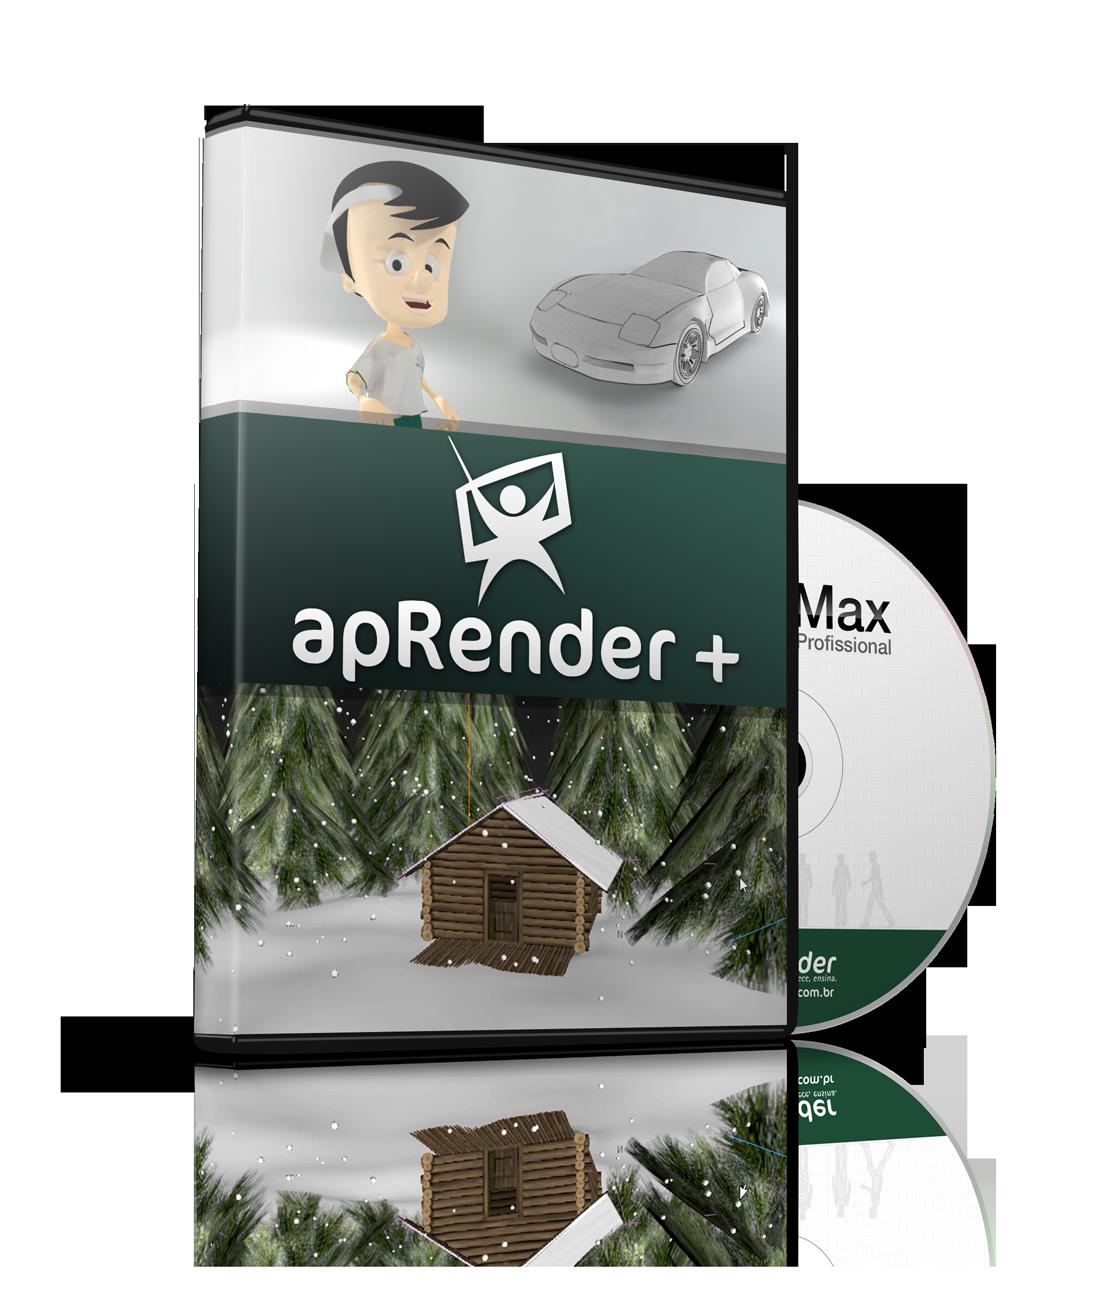 apRender+_3dsmax